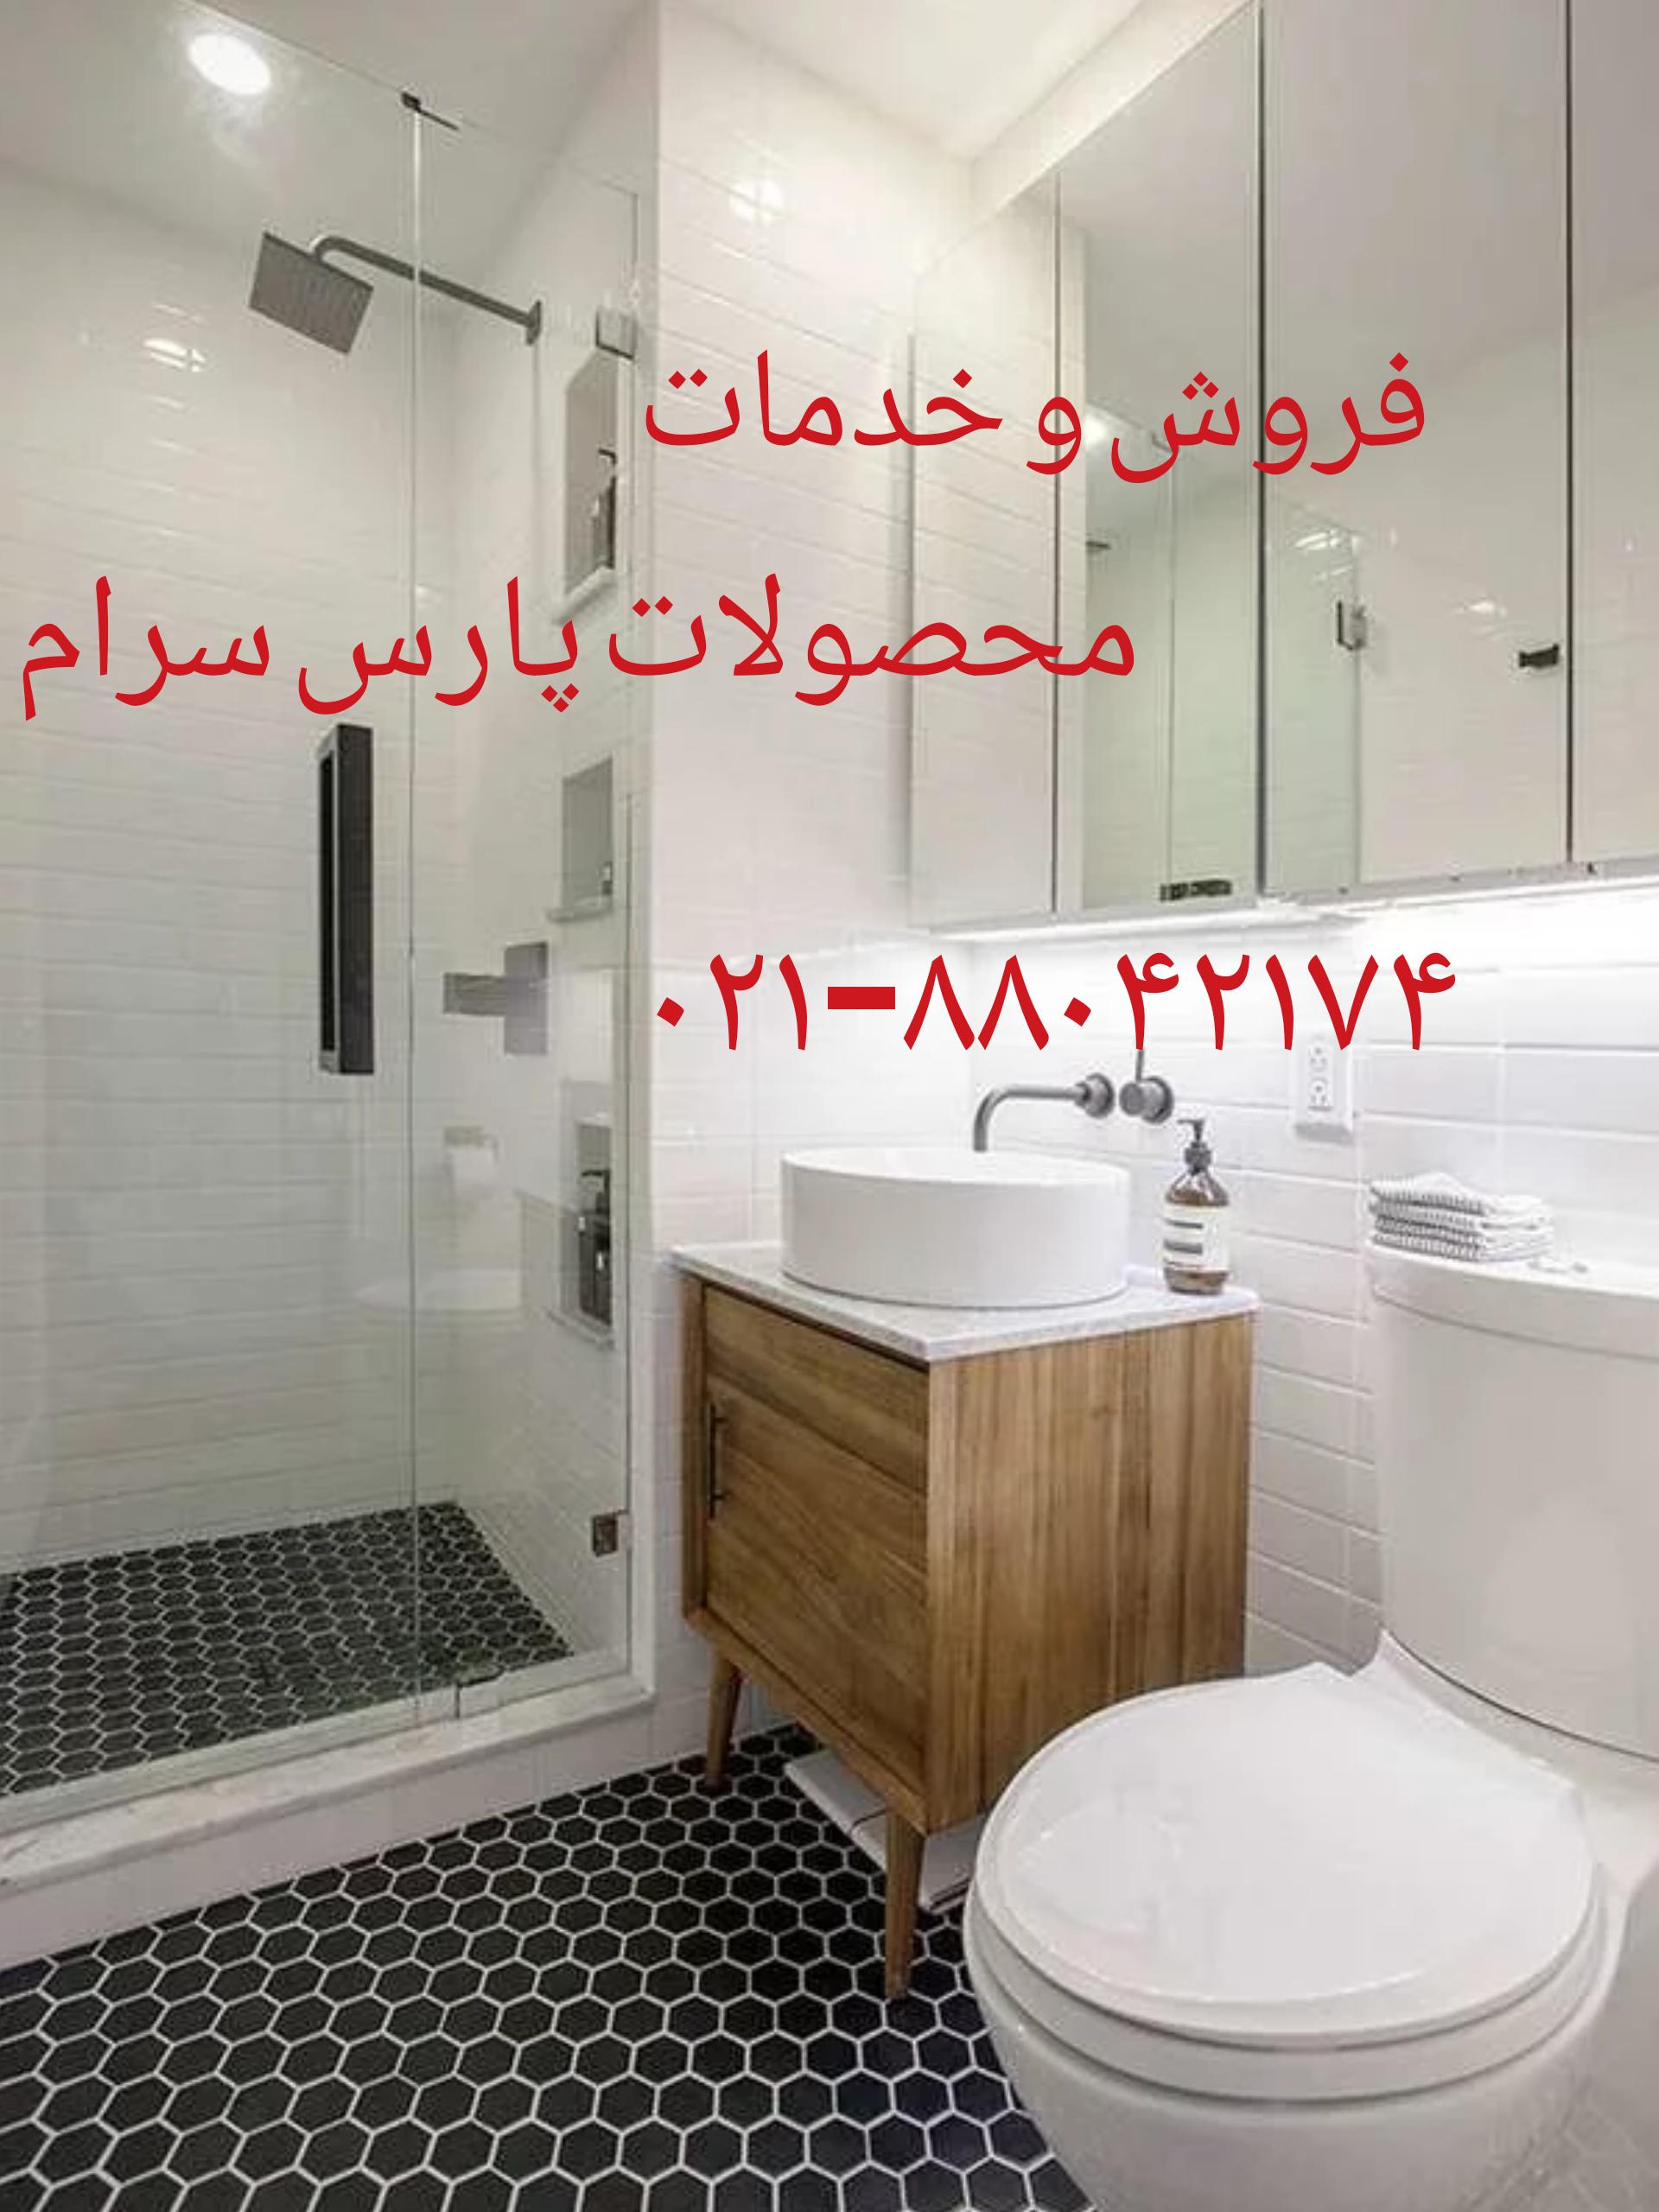 فروش و خدمات پارس سرام09121507825_تعمیر پارس سرام